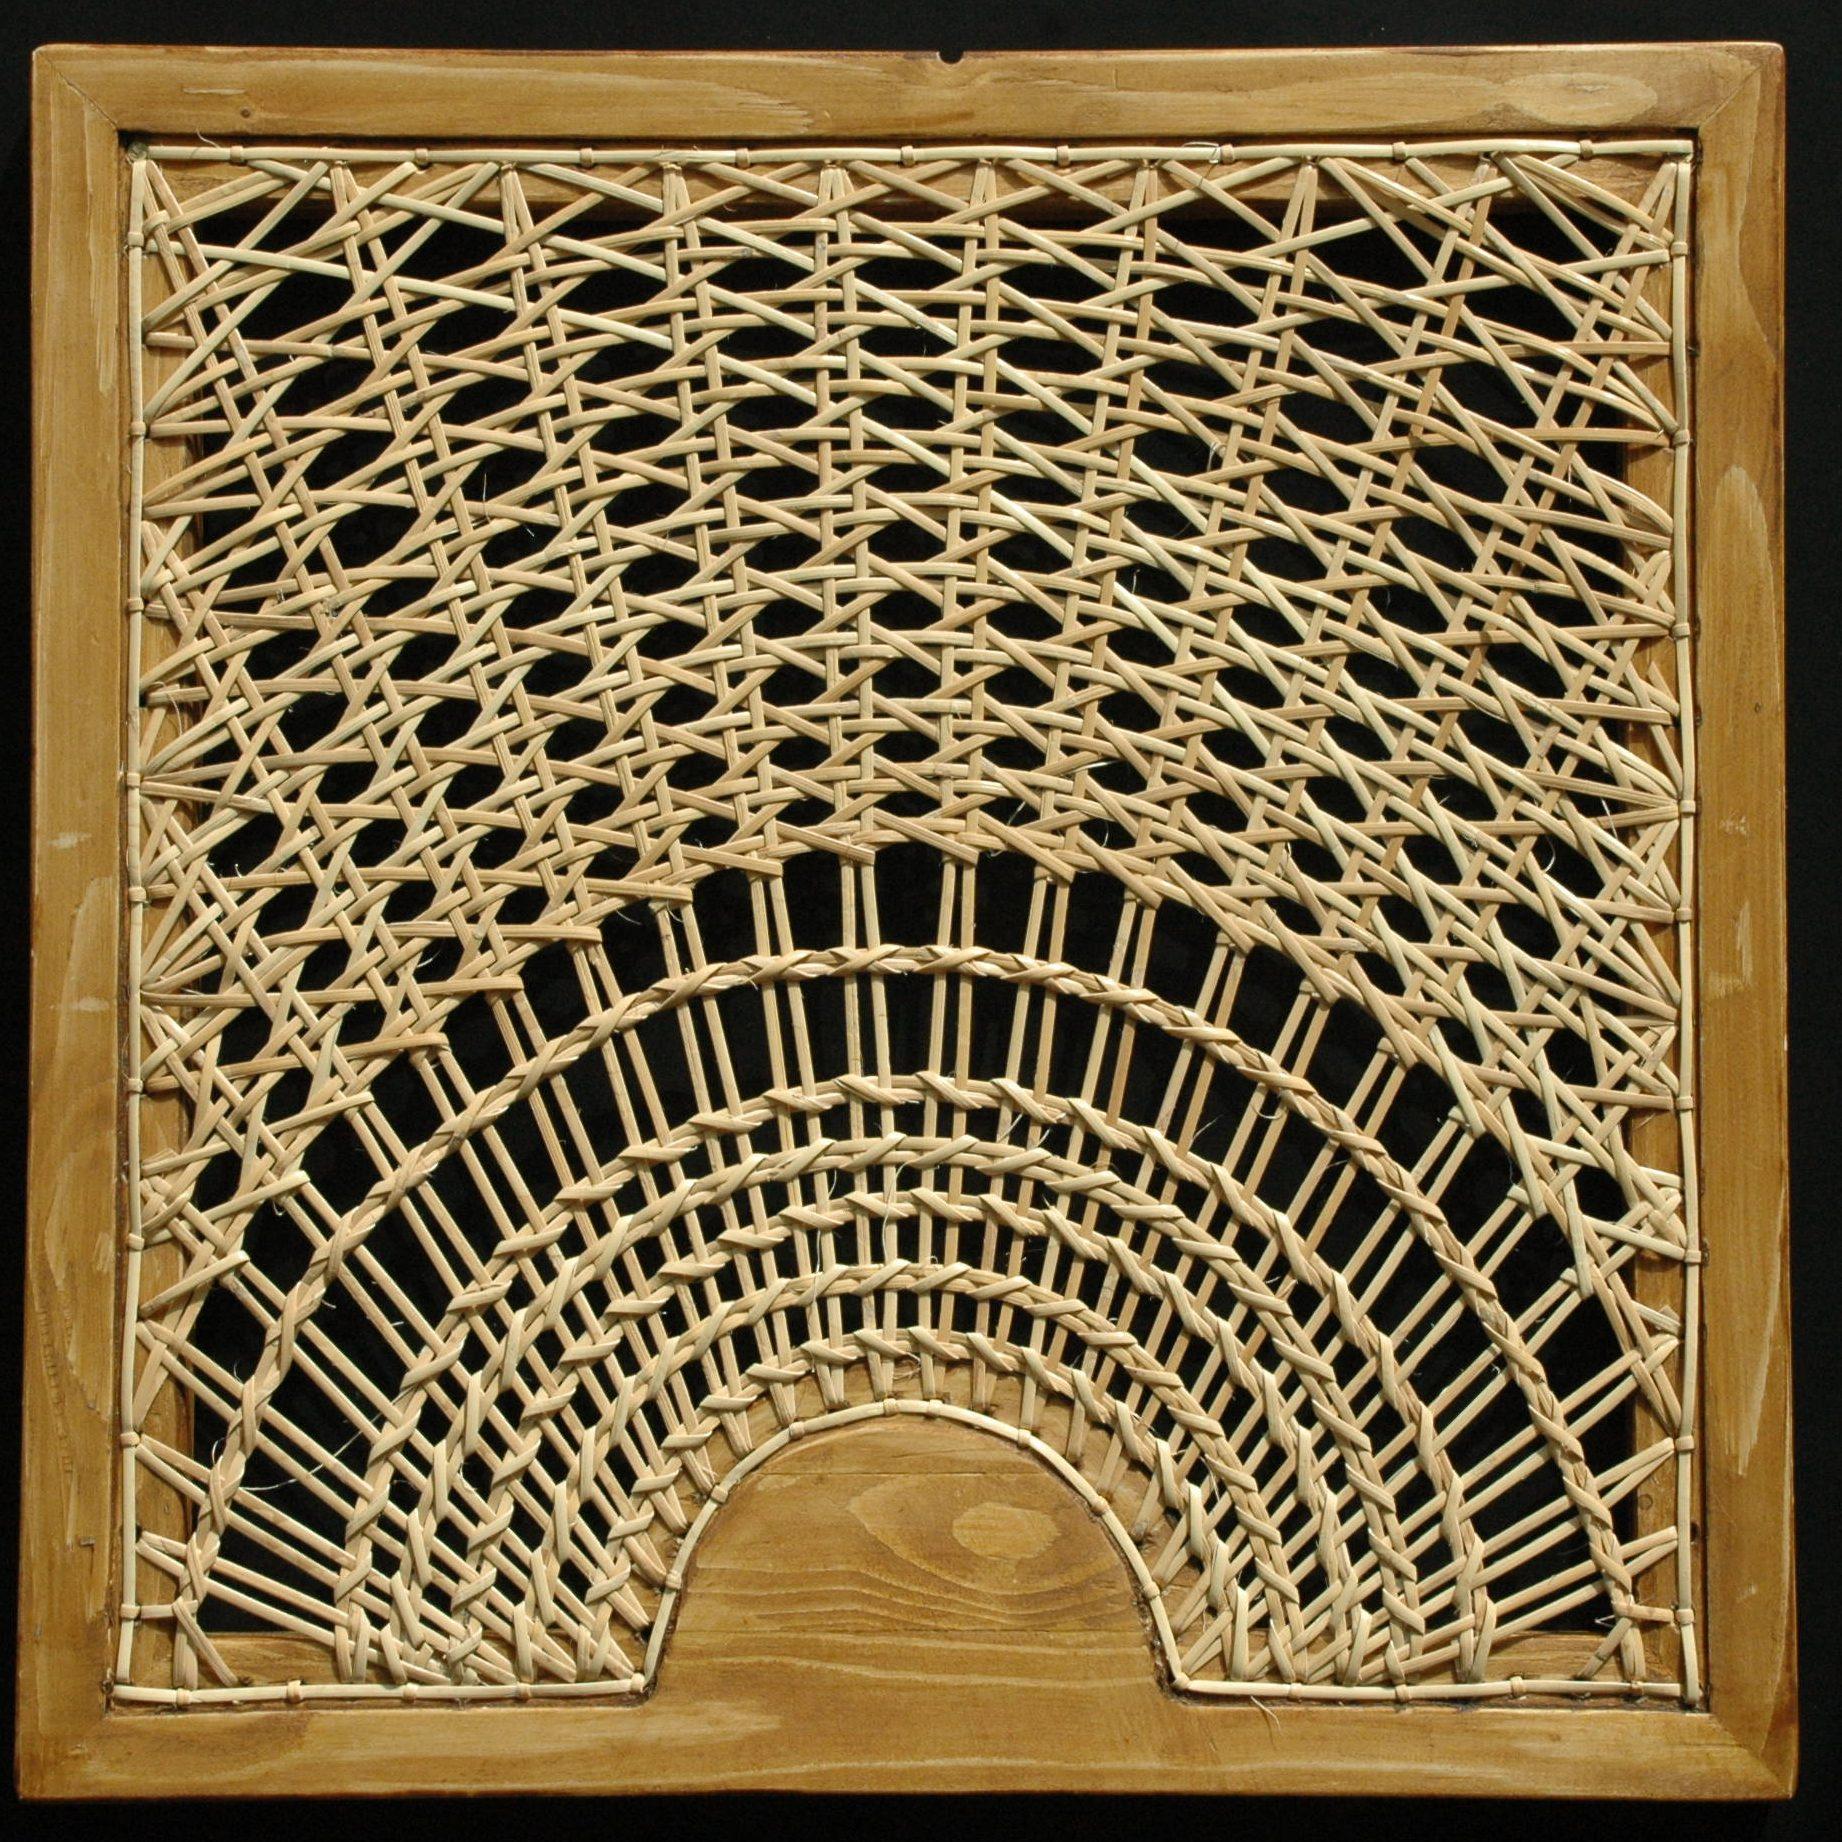 gaatjesmat zonnestraal patroon met rotan gevlochten